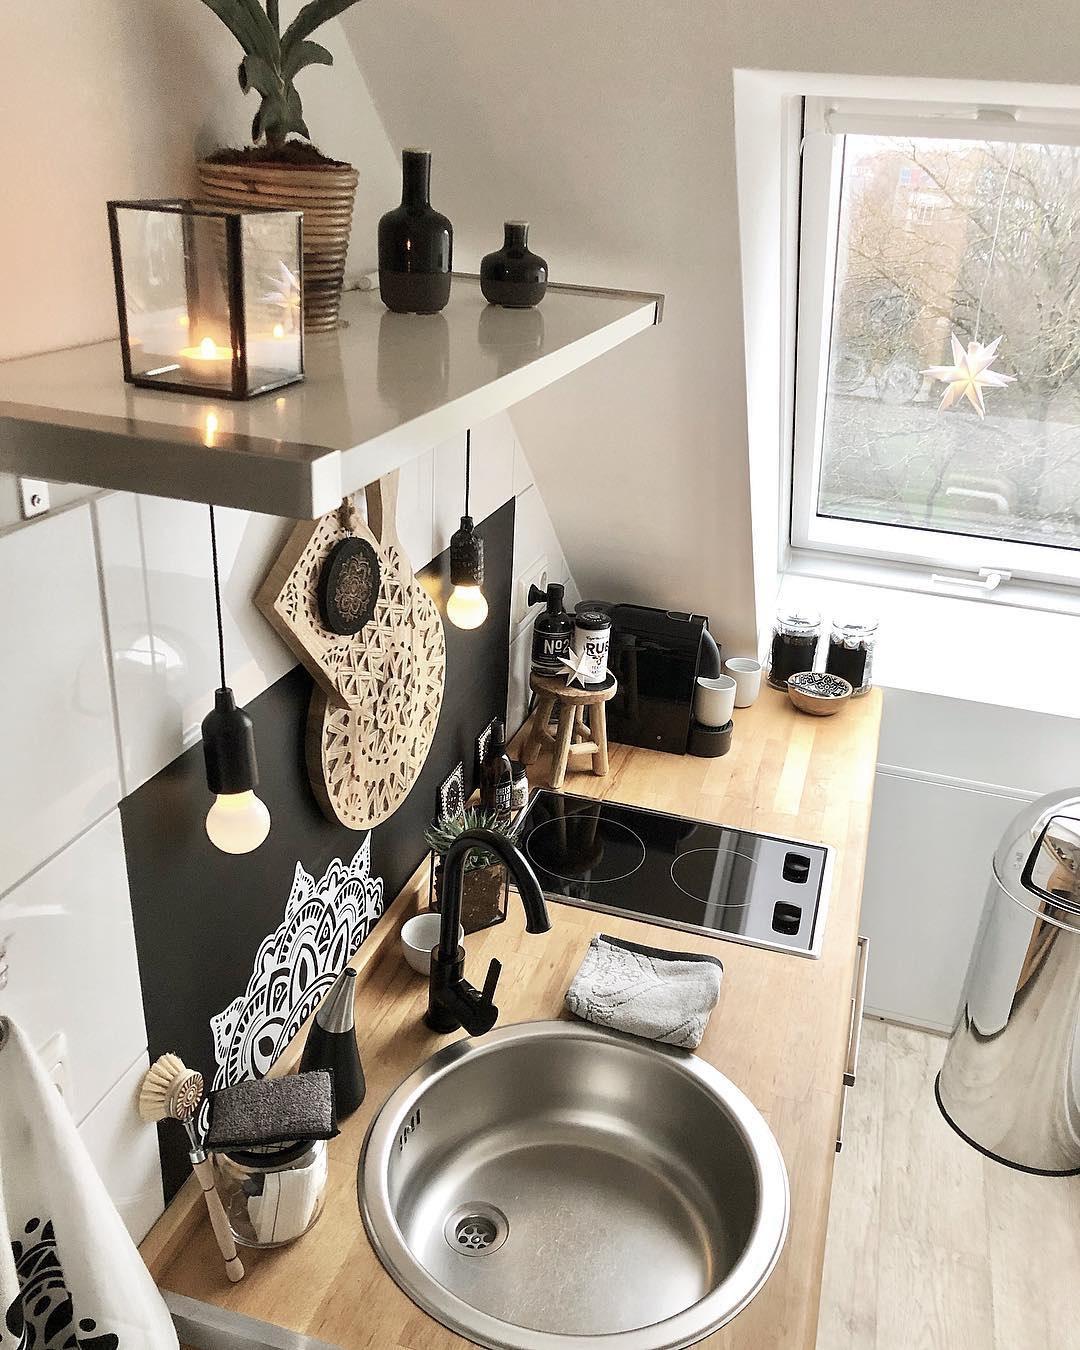 Bếp từ nhỏ gọn tiện dụng giải pháp tối ưu cho không gian bếp nhỏ.